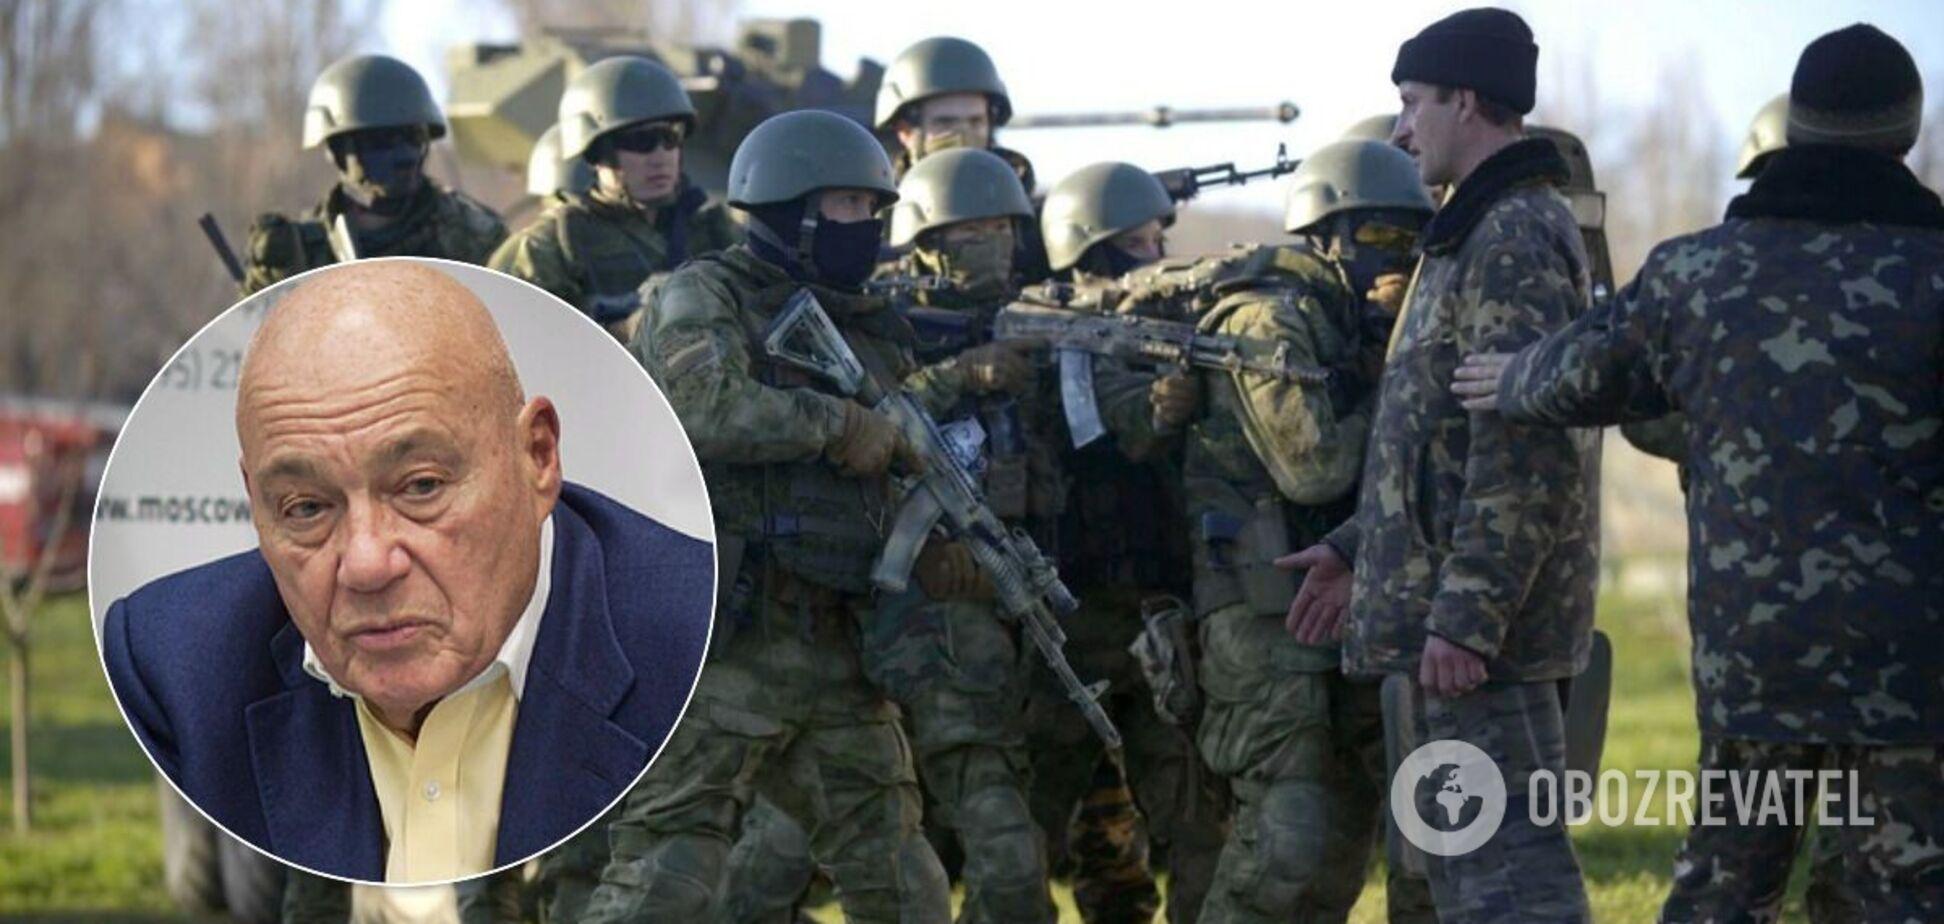 Познер оправдал оккупацию Крыма и Донбасса